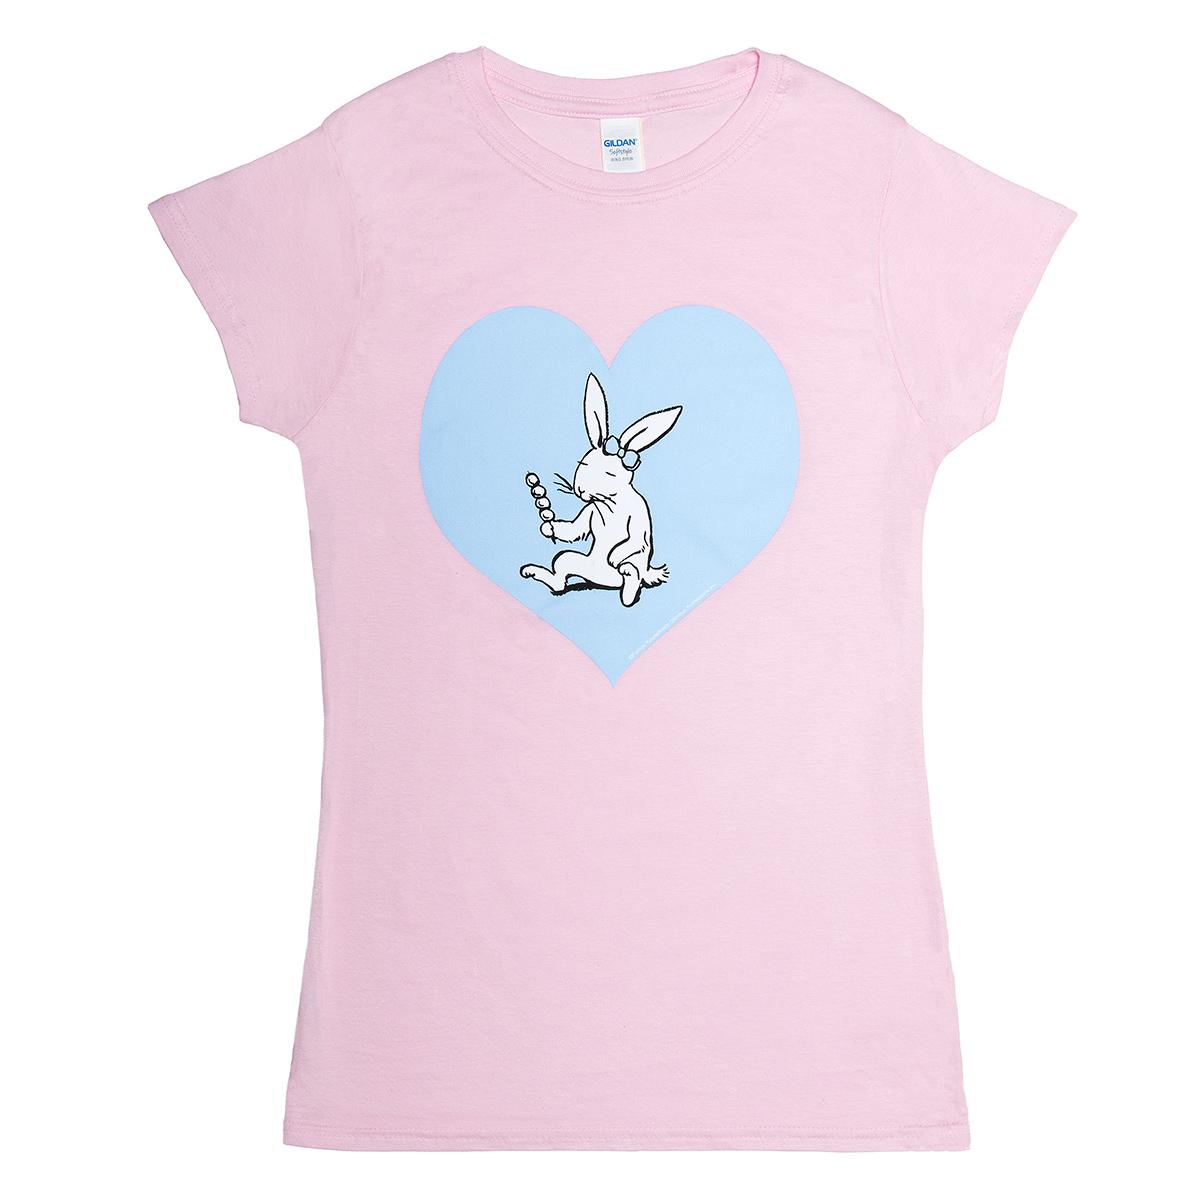 Mimi t-shirt (S)